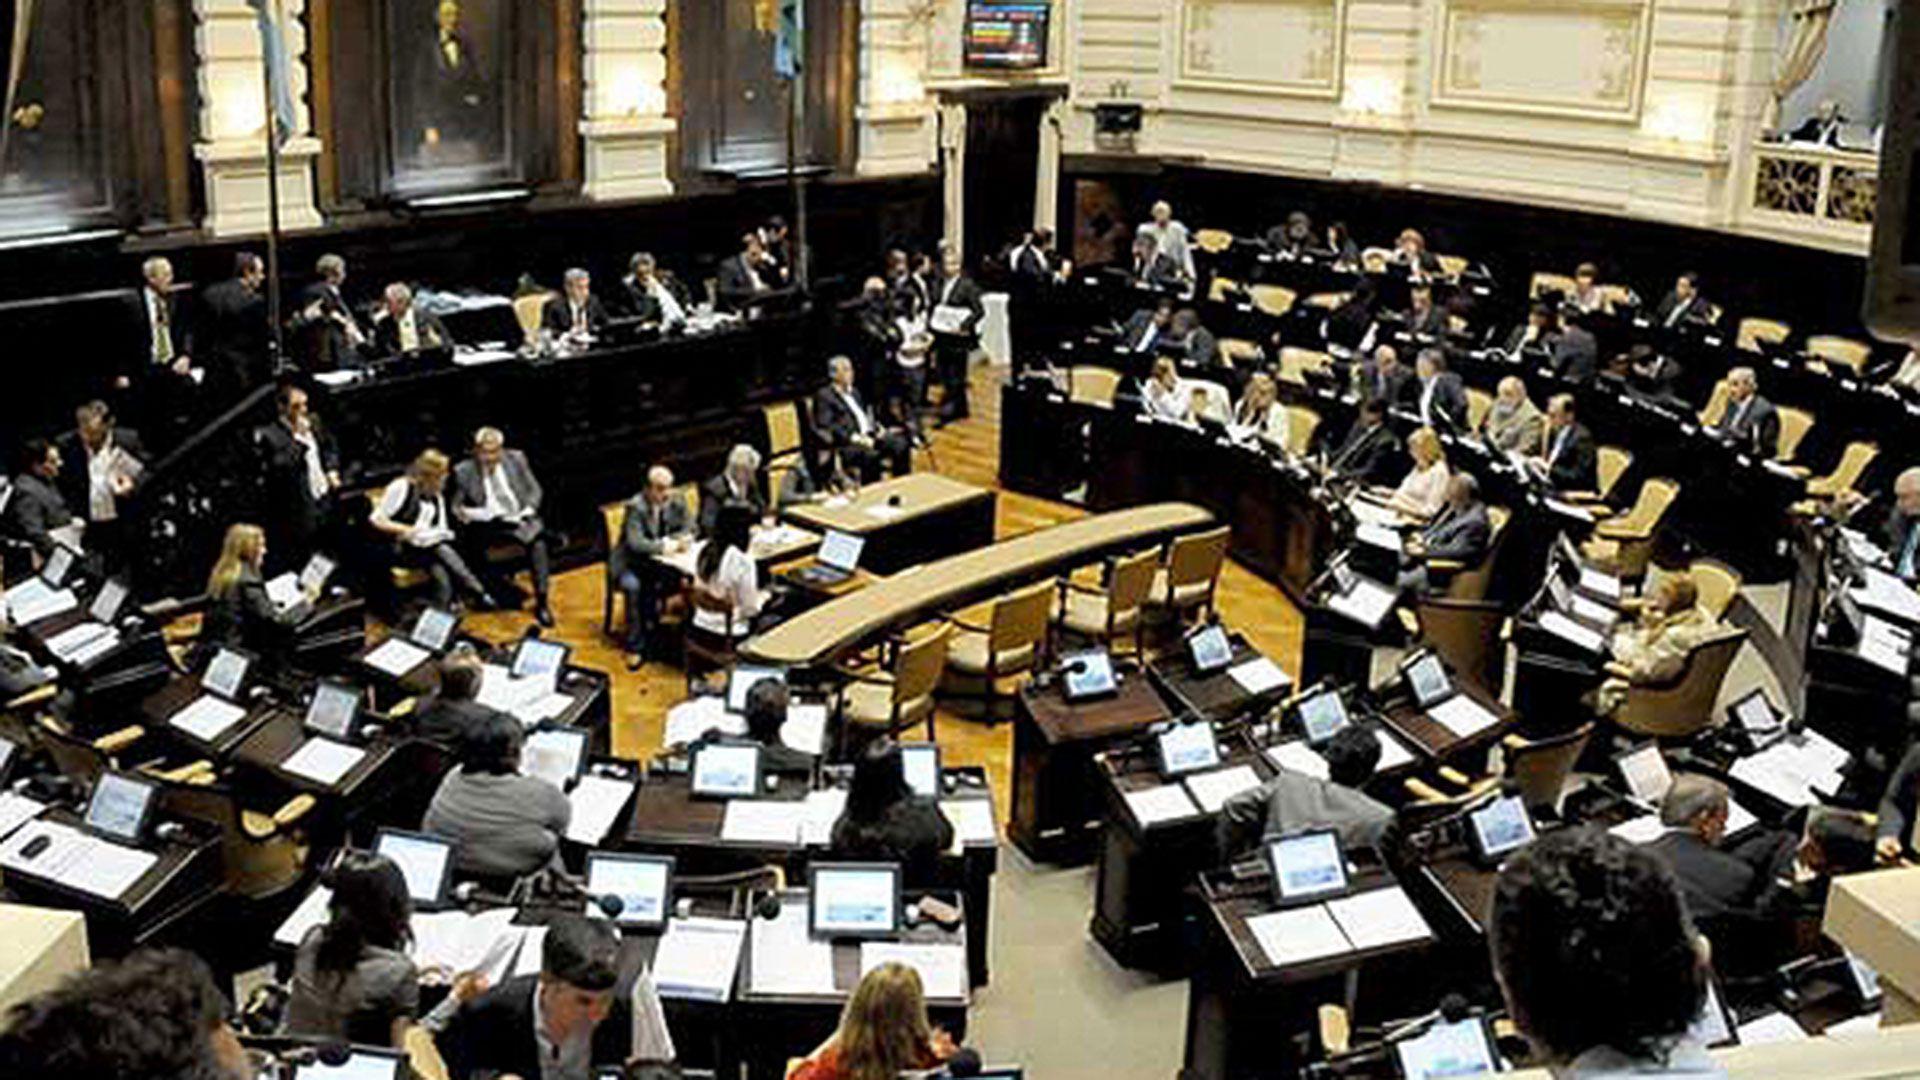 El parlamento bonaerense debería tratar las próximas semanas el presupuesto 2021 que fue presentado por la administración de Axel Kicillof el 6 de noviembre pasado.